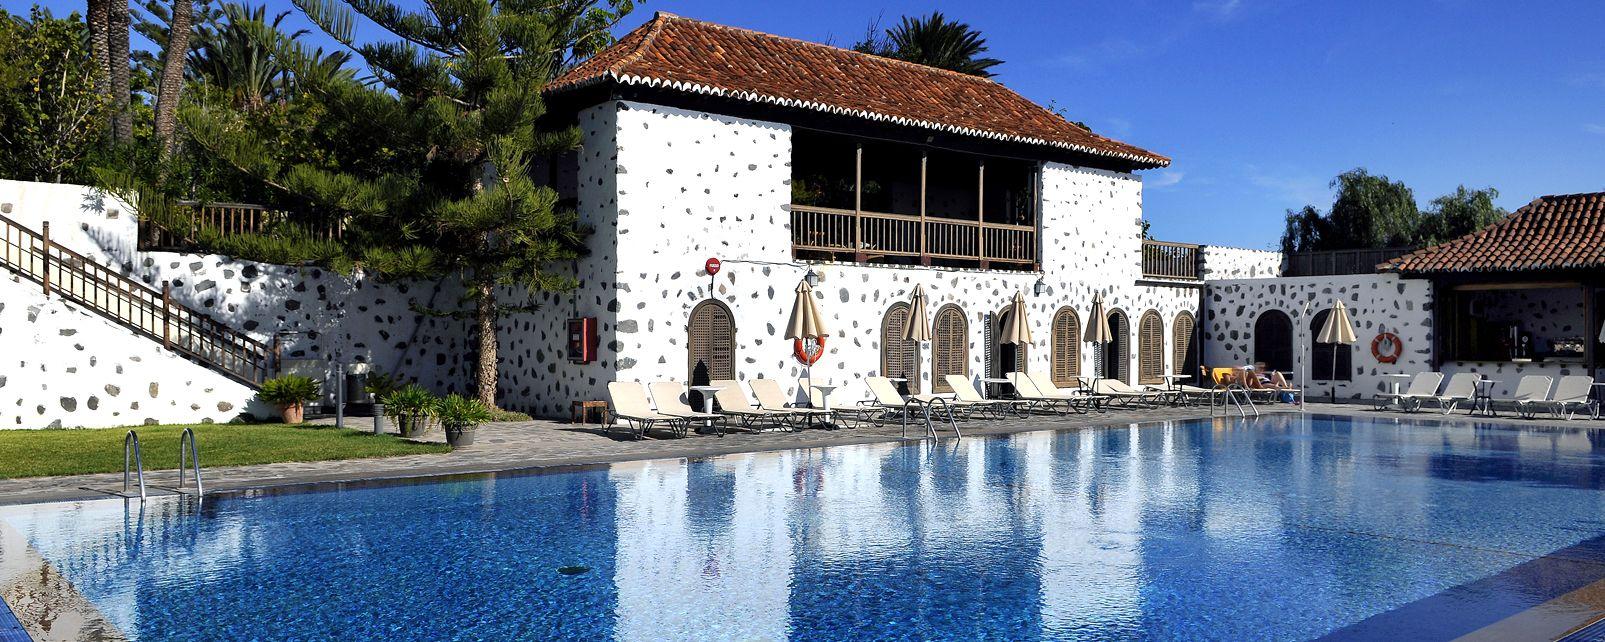 Hotel Parador de La Gomera